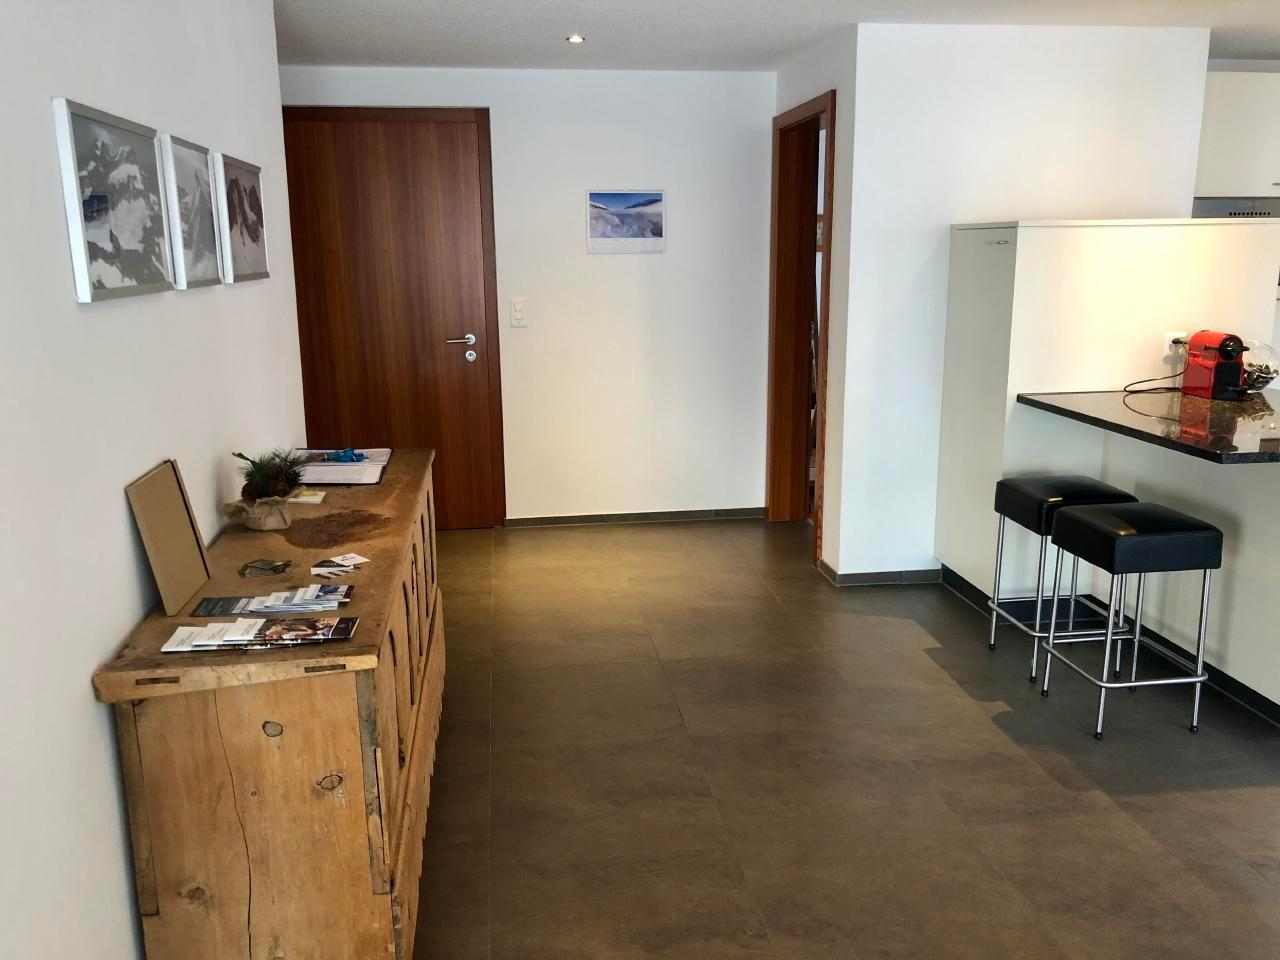 Holiday apartment Aiolos Apartments 6 Personen (468317), Zermatt, Zermatt, Valais, Switzerland, picture 5